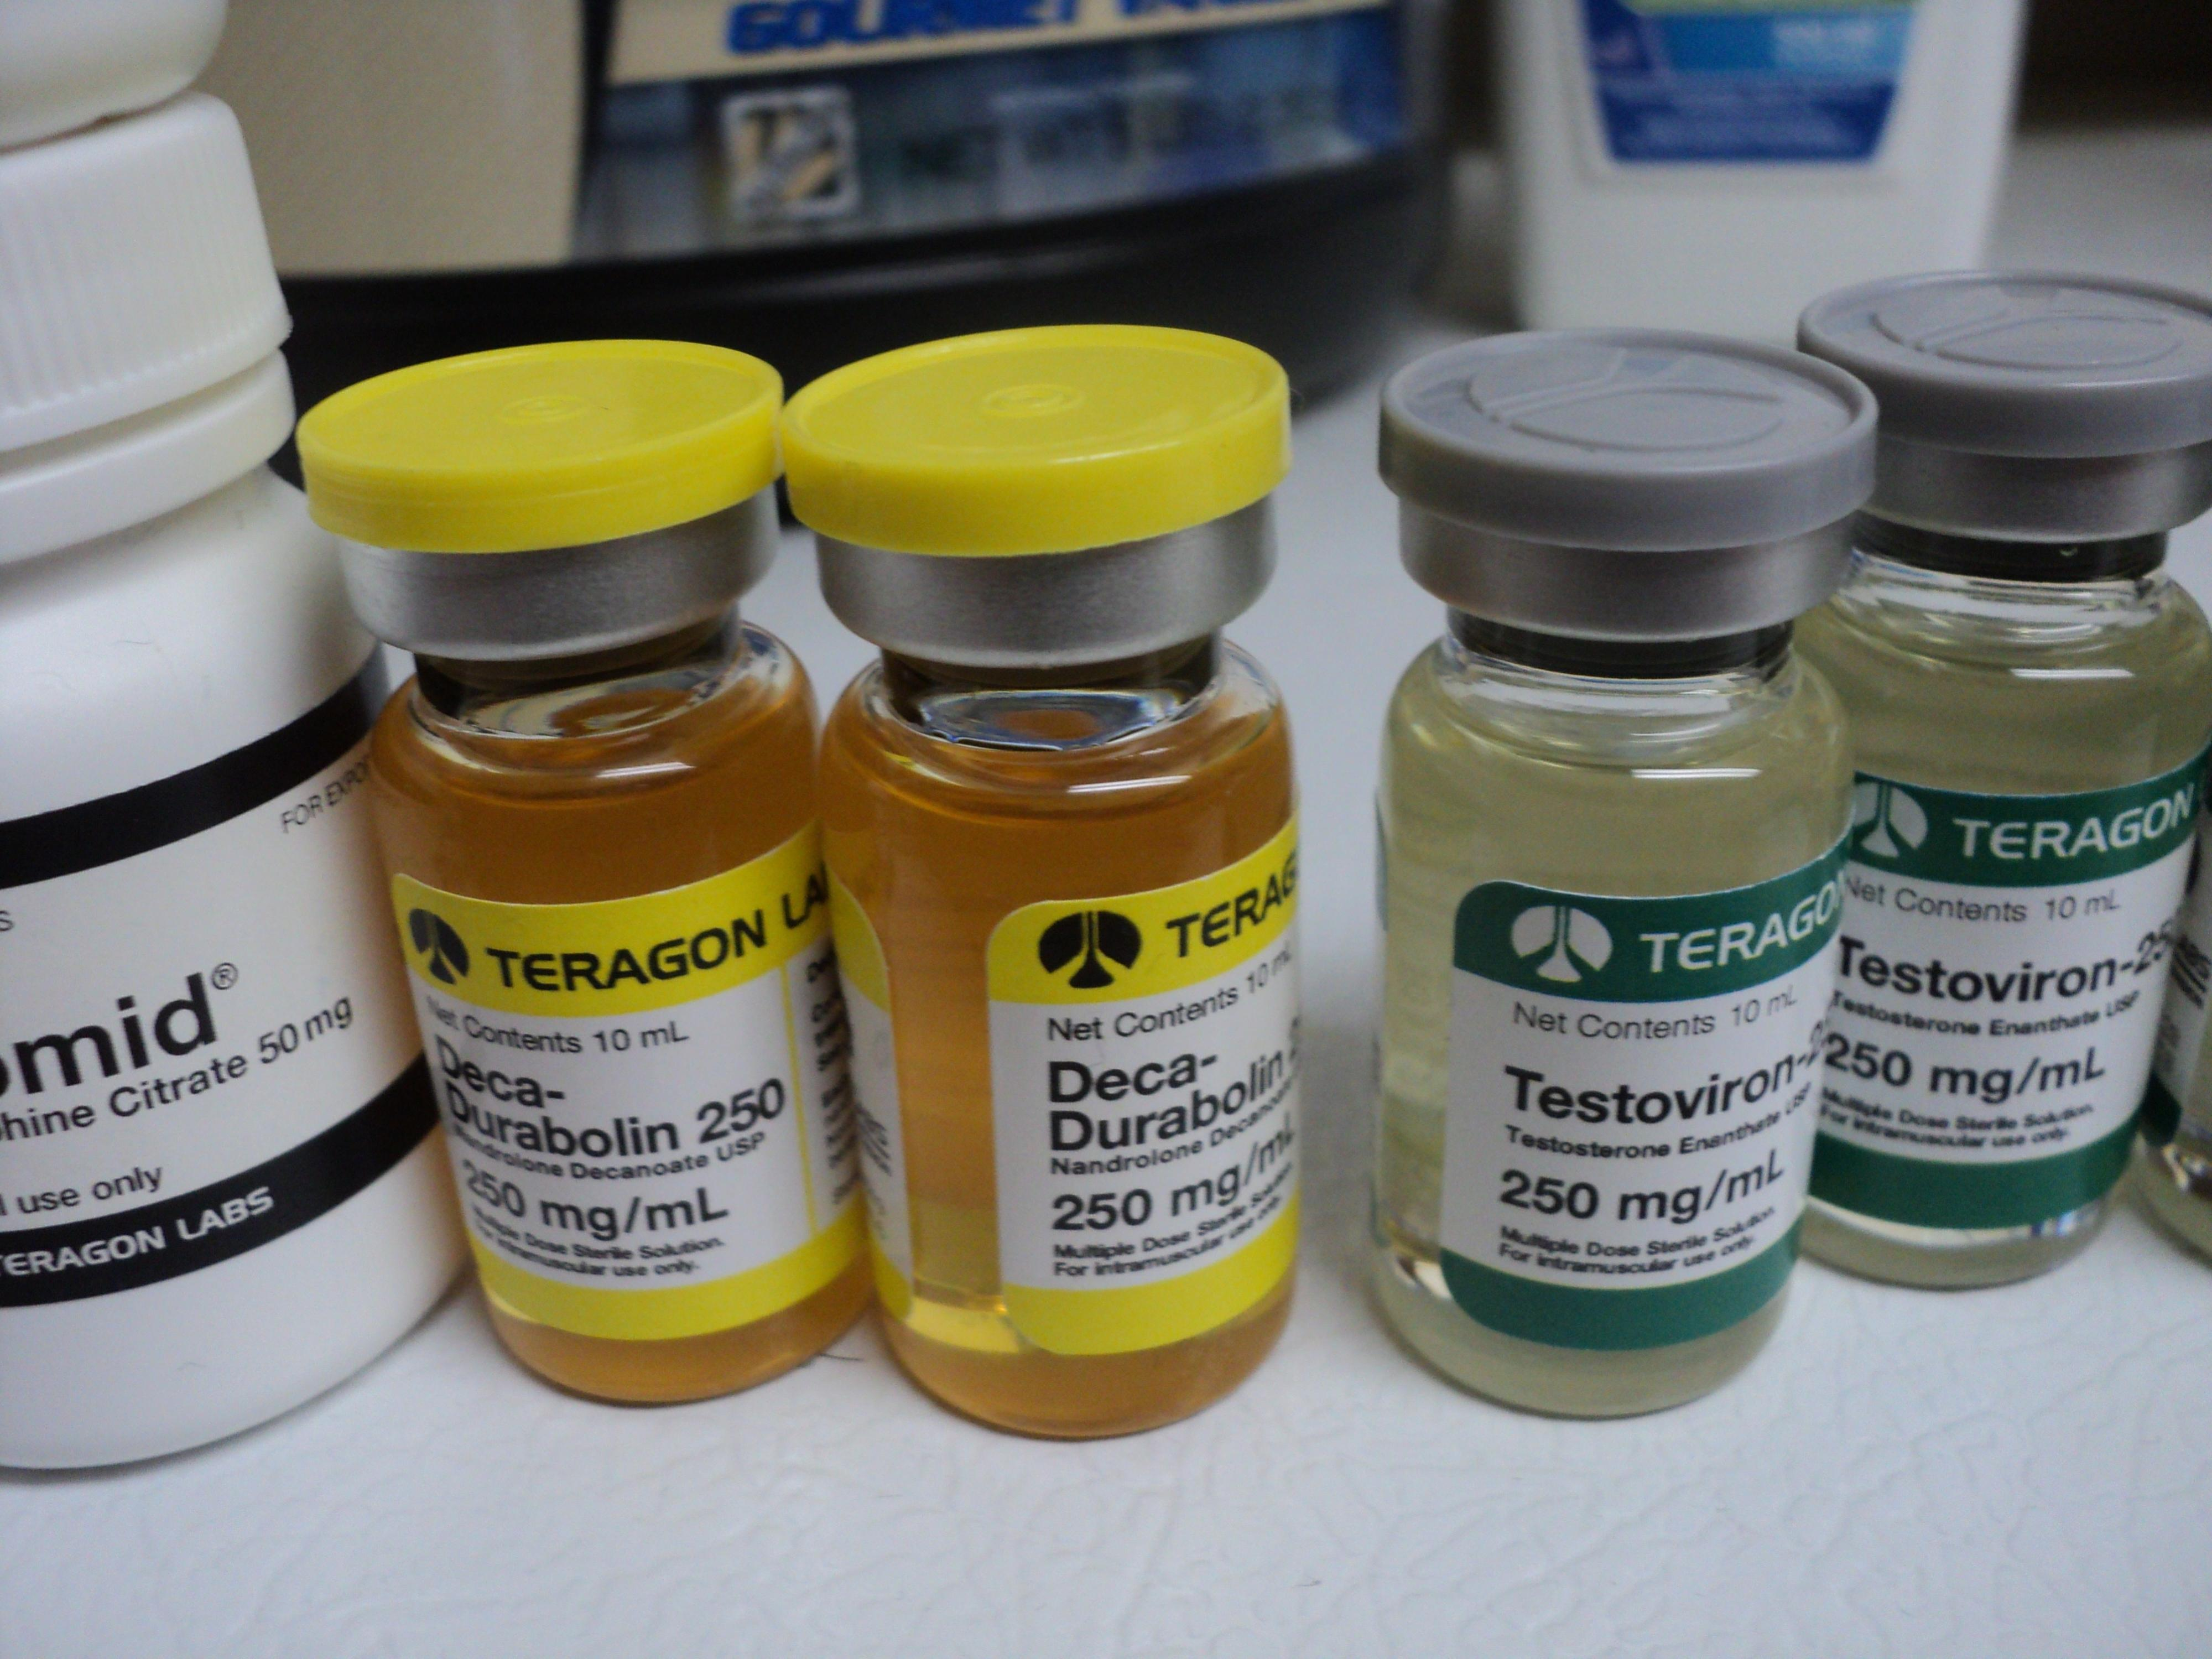 teragon steroids canada